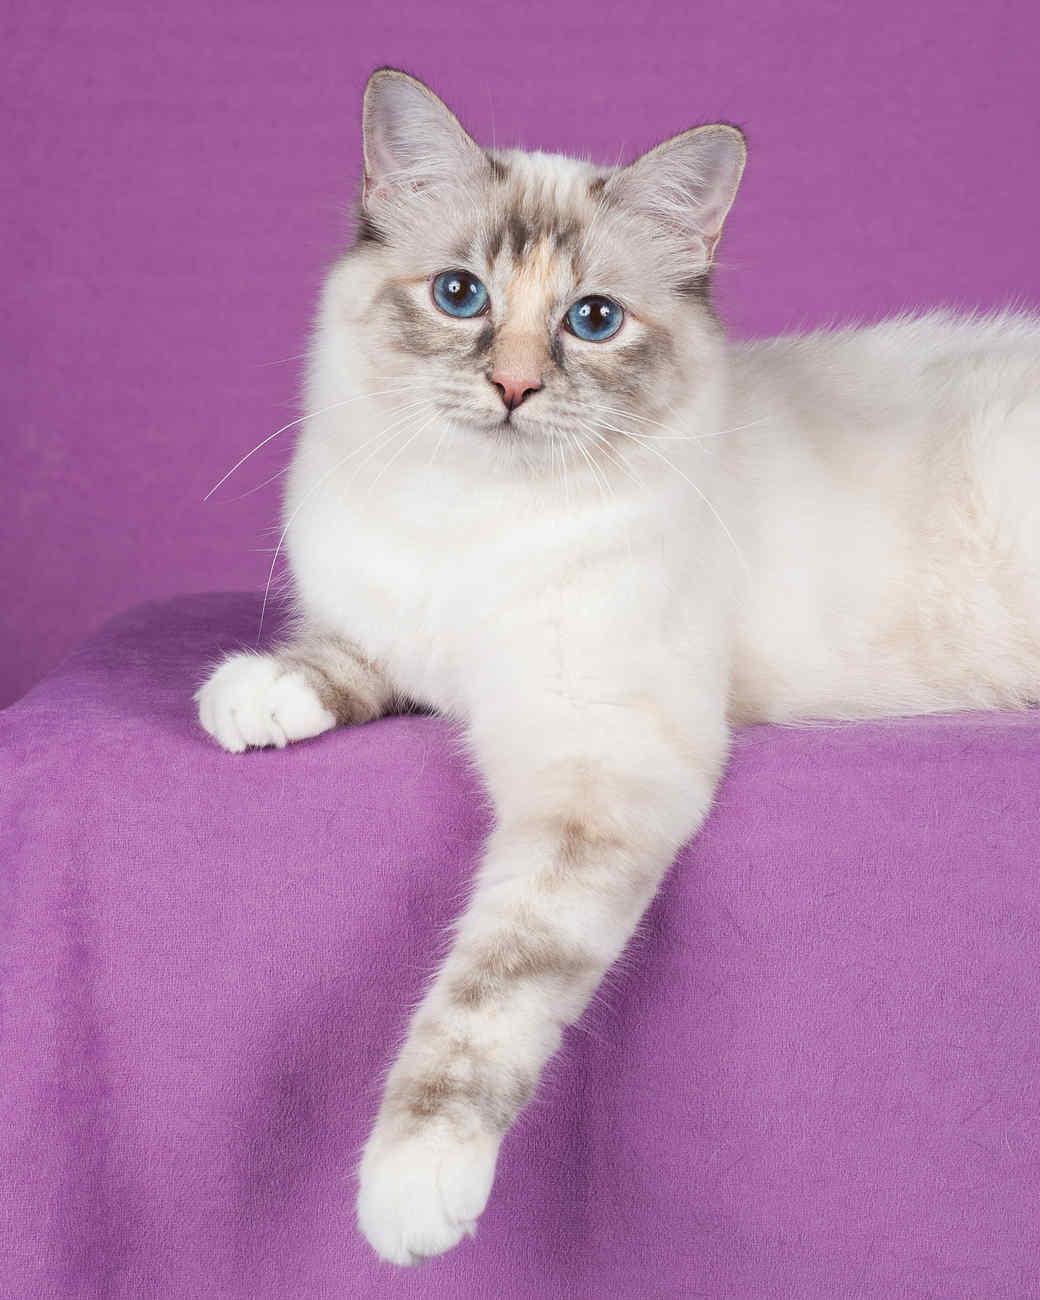 cat-breeds-ragdoll-ig23-280.jpg